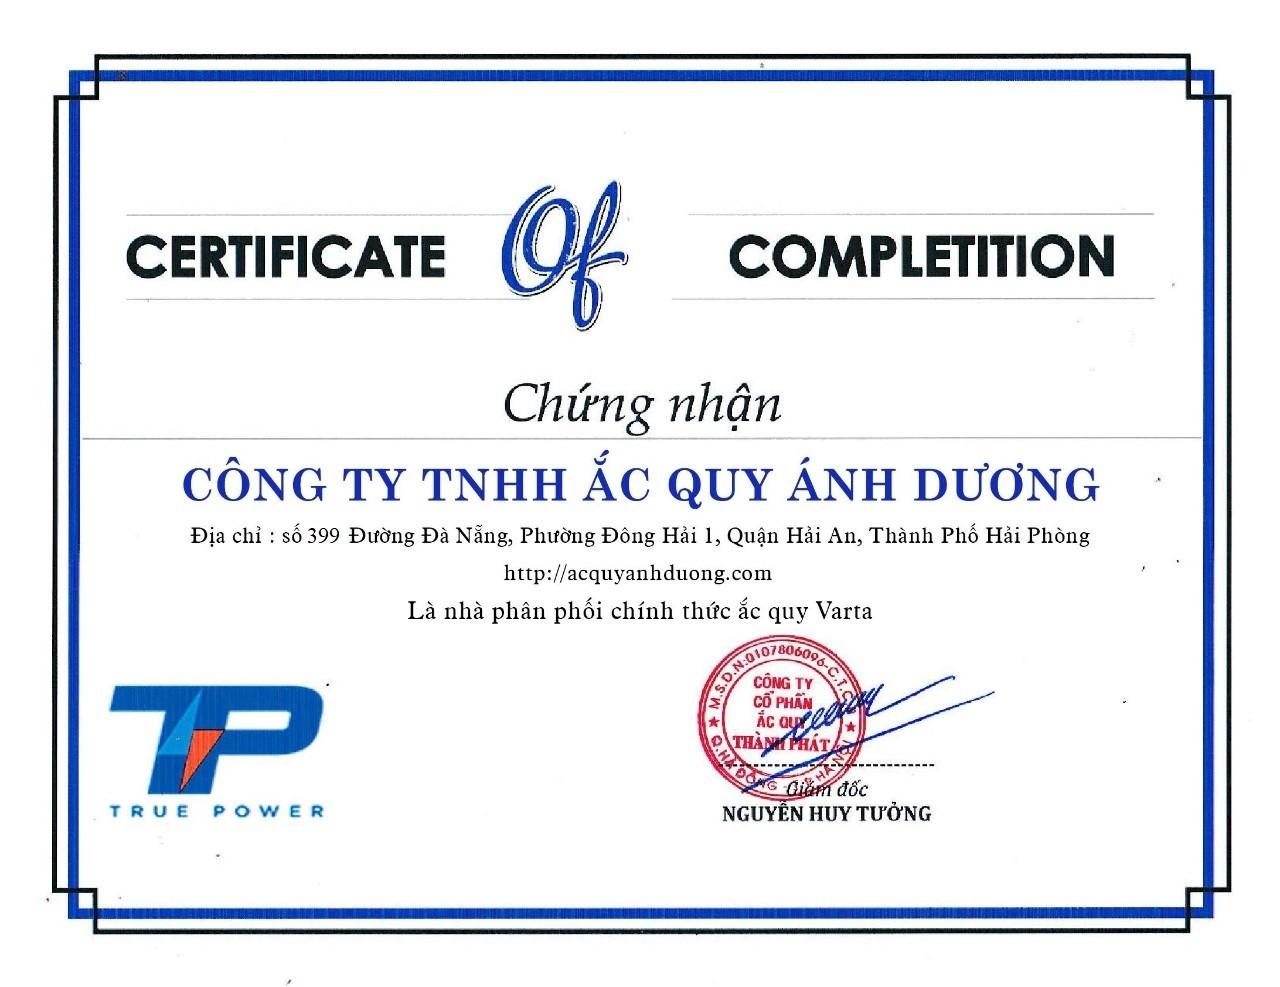 ac-quy-gs-mf-105d31l-90ah-2